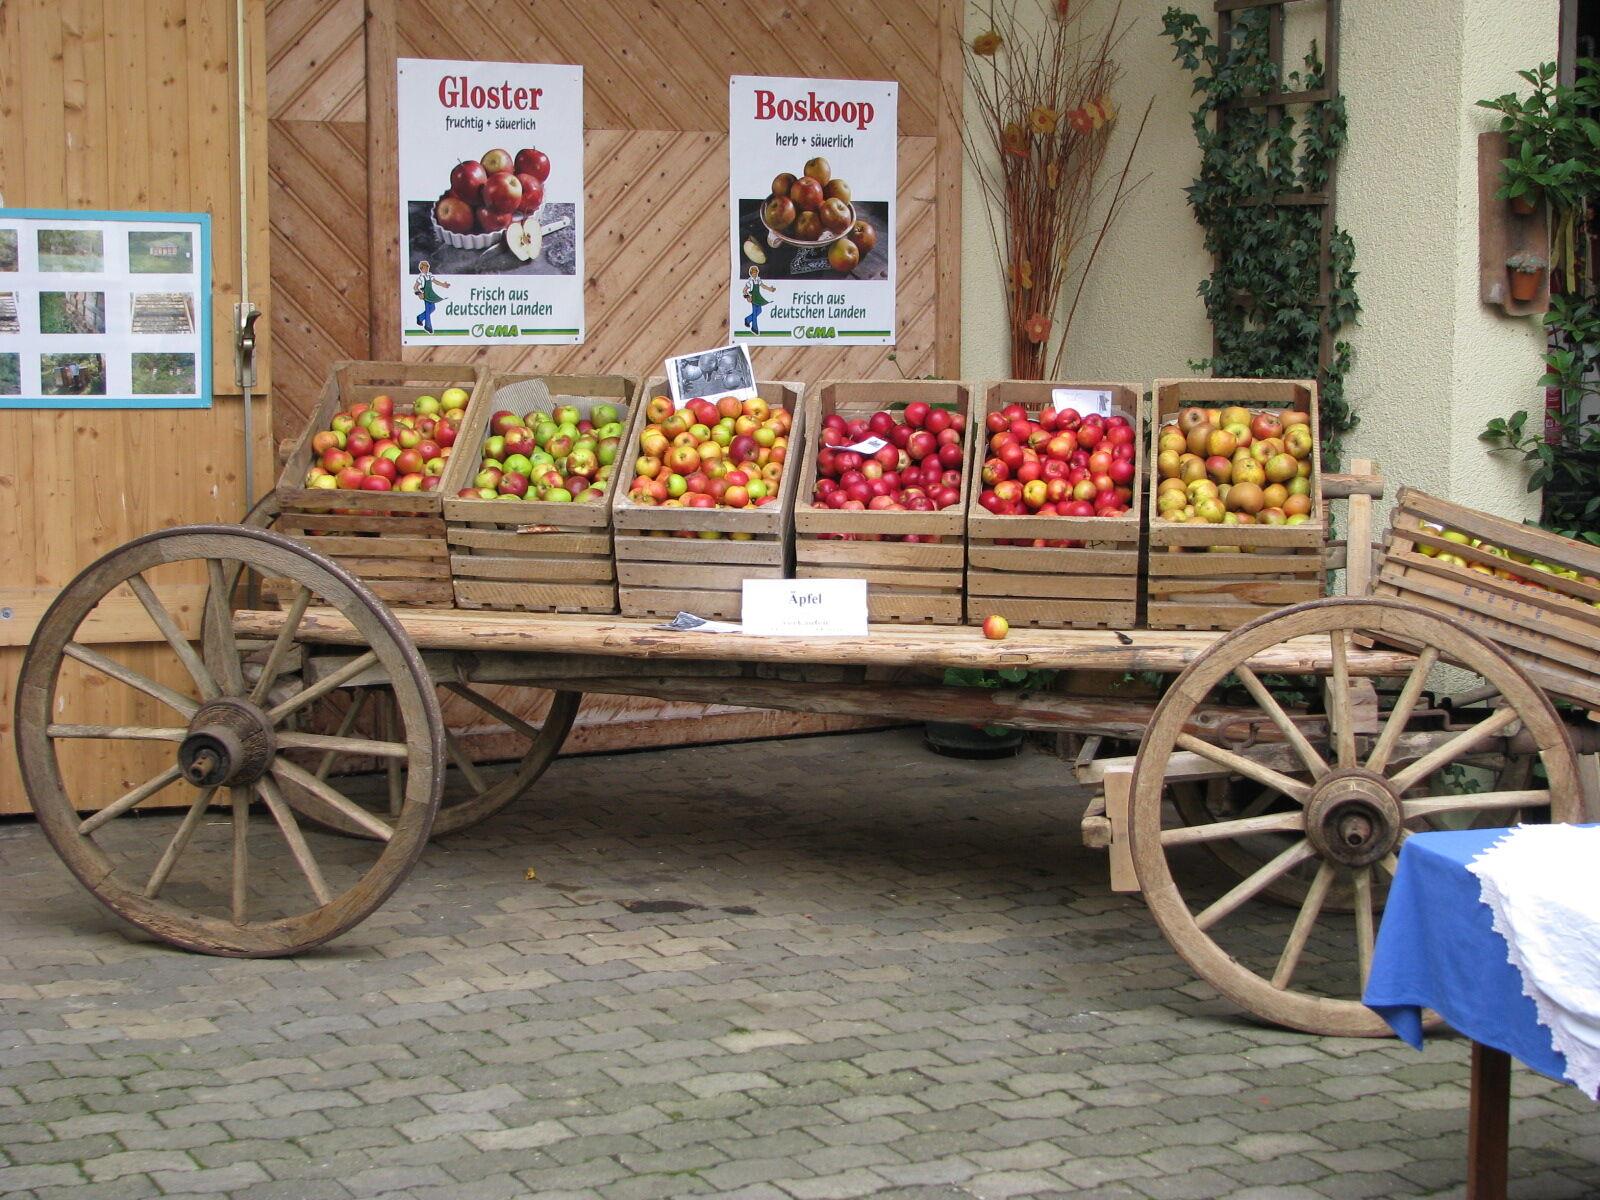 Wer sich mit frischem Obst und Gemüse eindecken möchte, findet Online die Adressen der Direktvermarkter. Foto: Landratsamt Lichtenfels/Michael Stromer